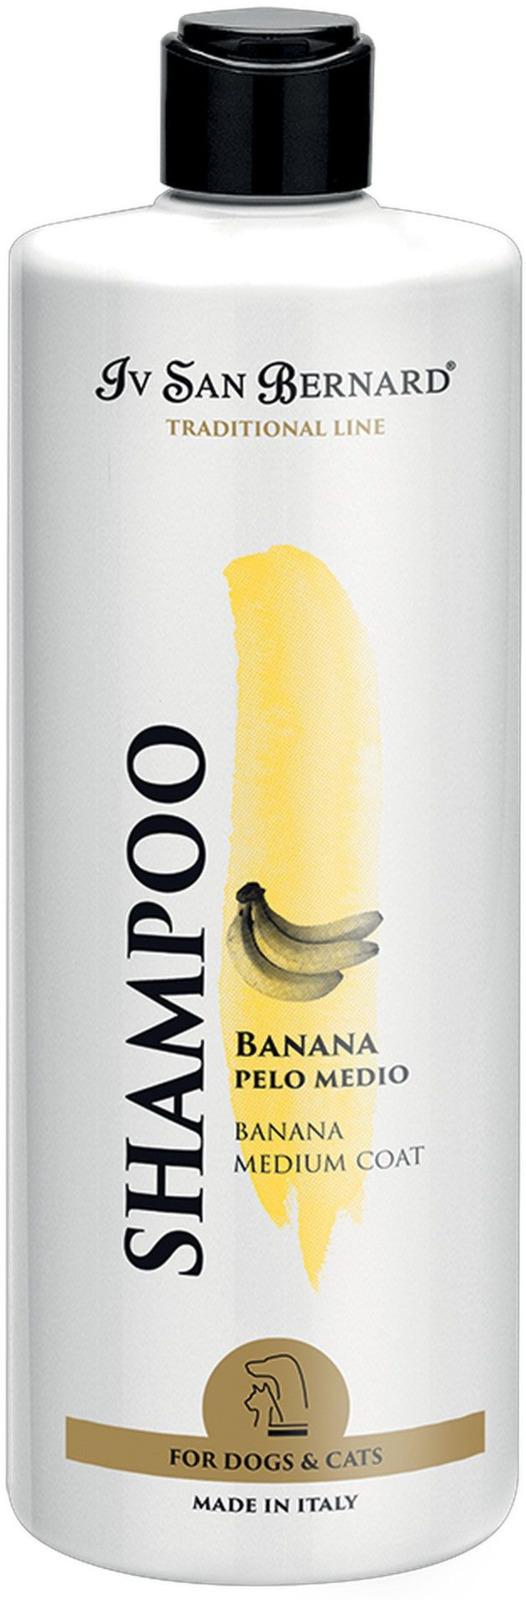 Шампунь для животных Iv San Bernard ISB Traditional Line Banana, для шерсти средней длины, 500 мл line шампунь